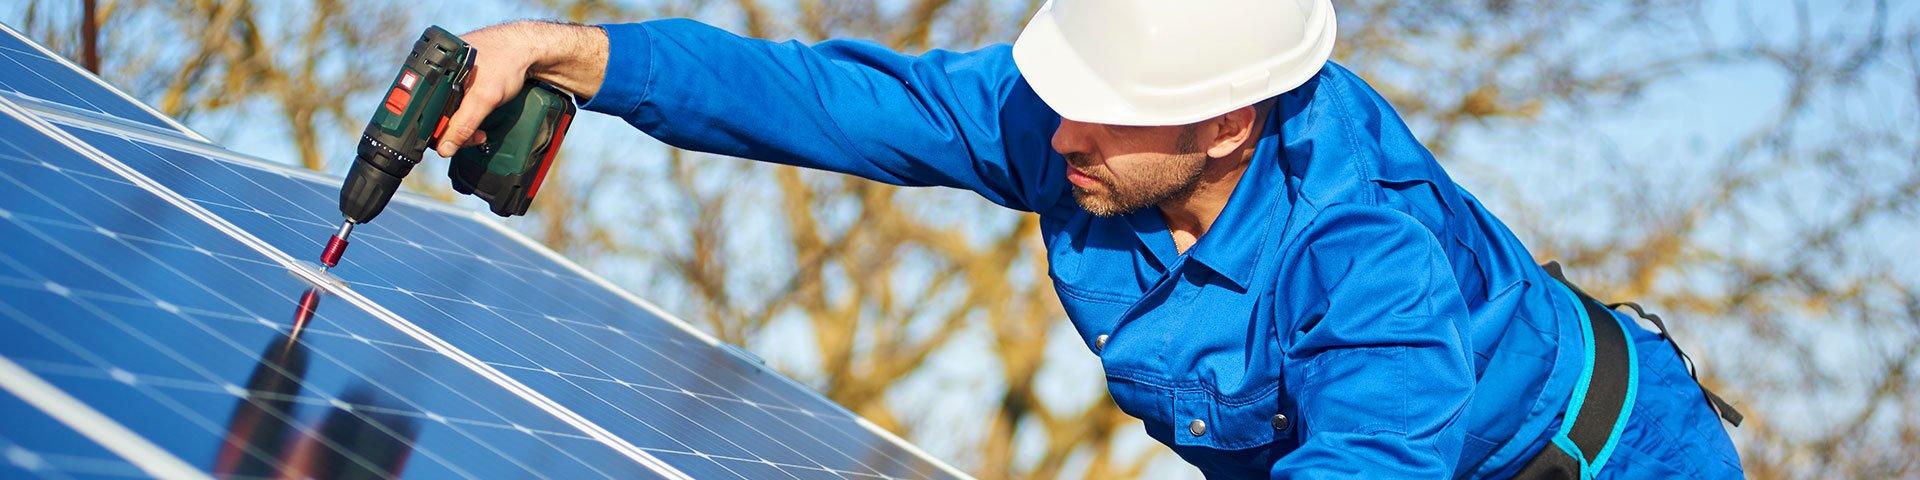 instalator fotowoltaiki montuje panele fotowoltaiczne na dachu